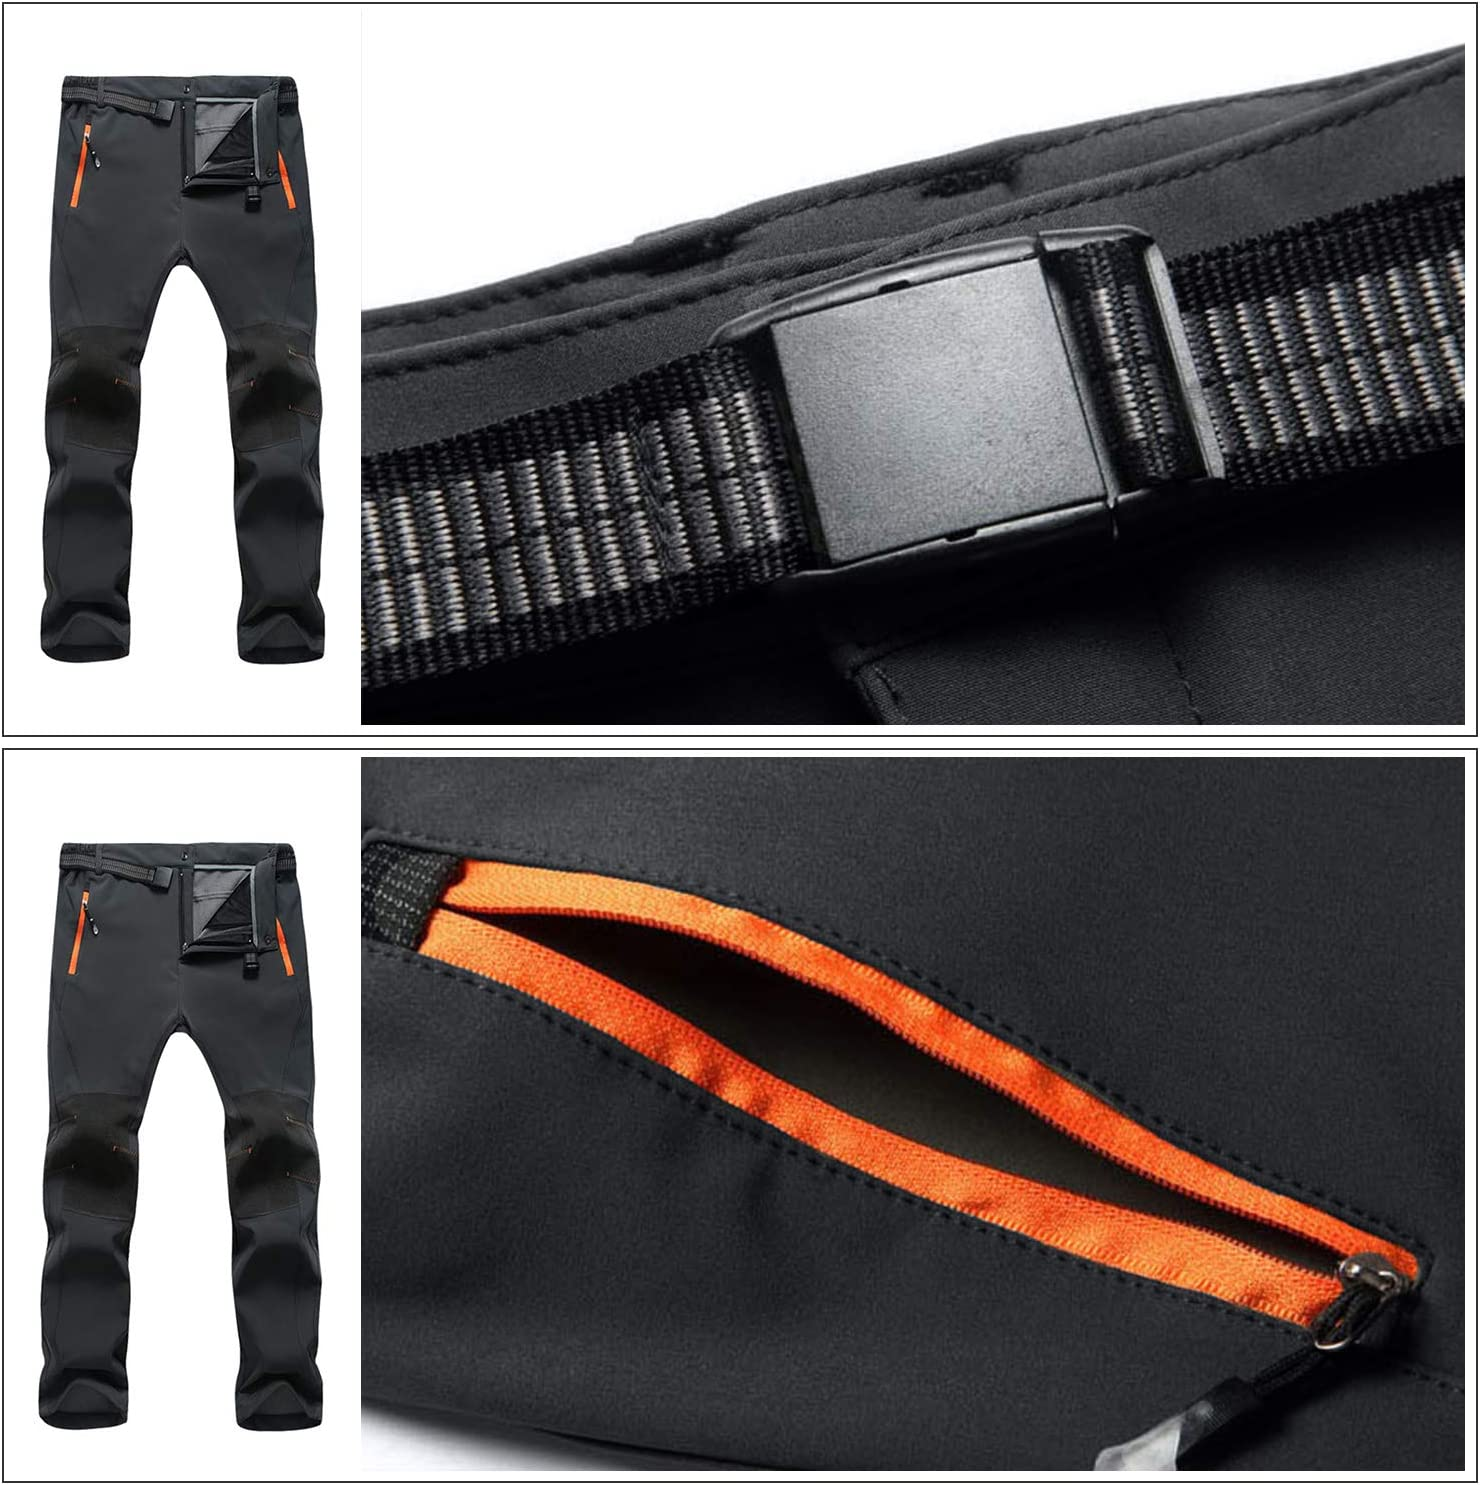 SUKUTU Outdoor-Wanderhose f/ür Herren Atmungsaktive leichte Hose mit Mehreren Taschen zum Berglaufen mit G/ürtel